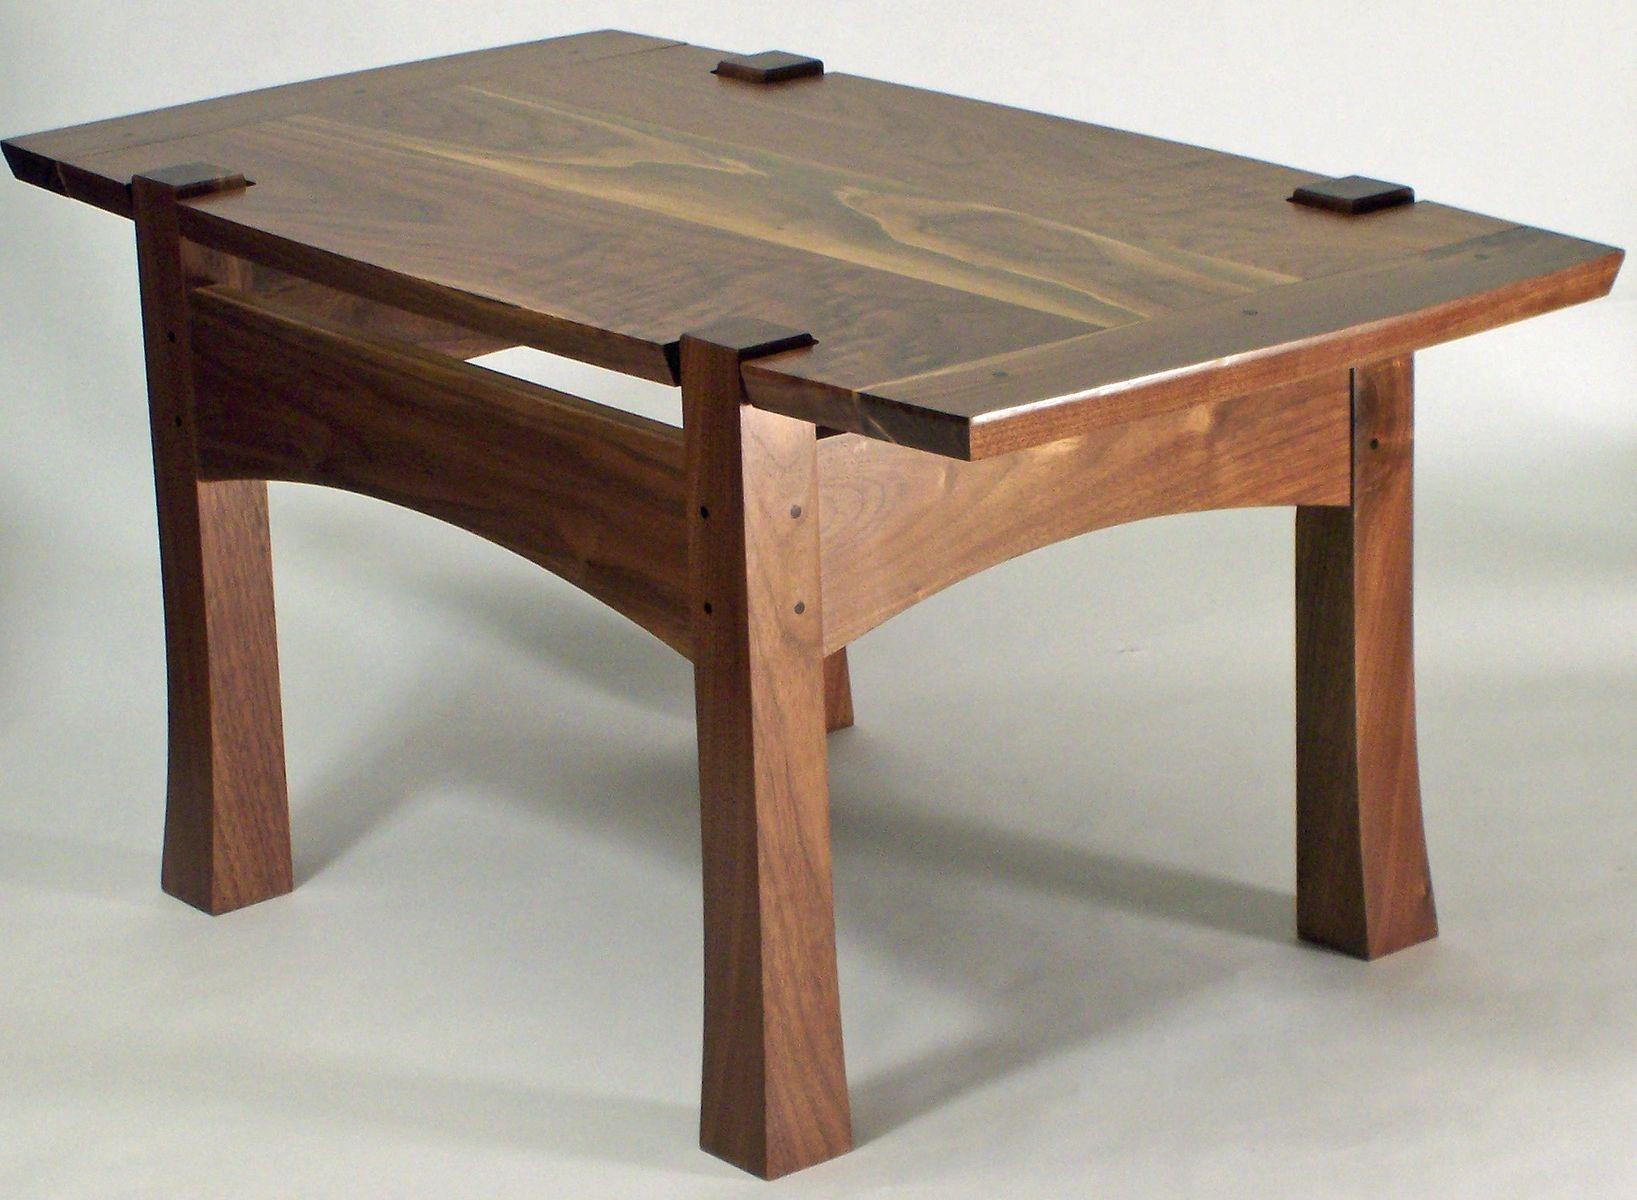 Custom made asian inspired side table by grant kistler for Design table replica